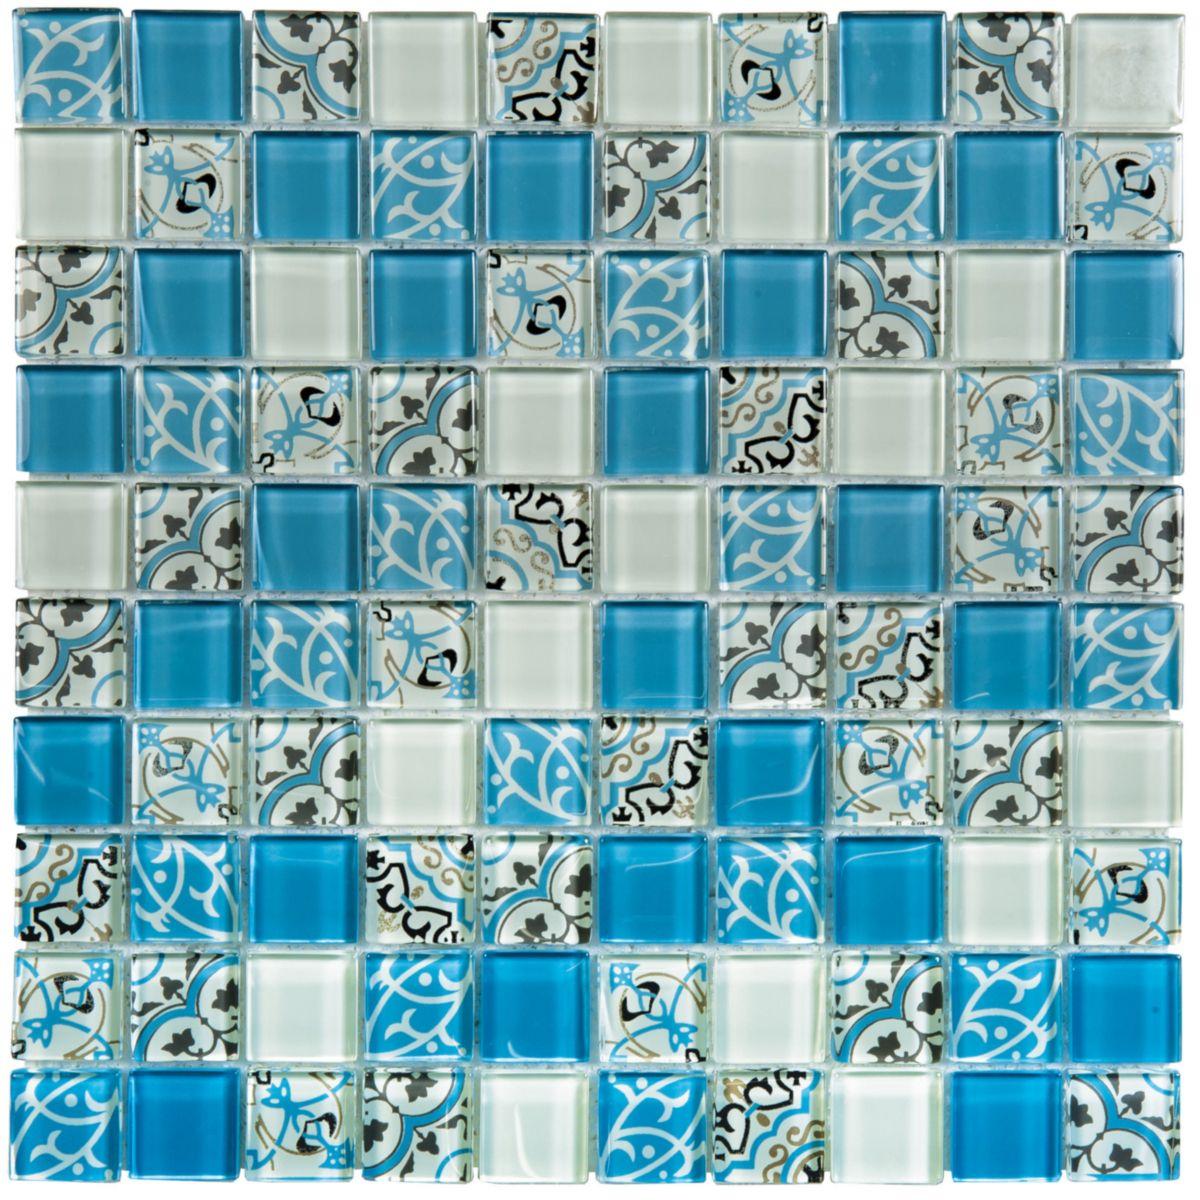 la mosaque pour mur intrieur de bati orient est constitue de pierre et de verre